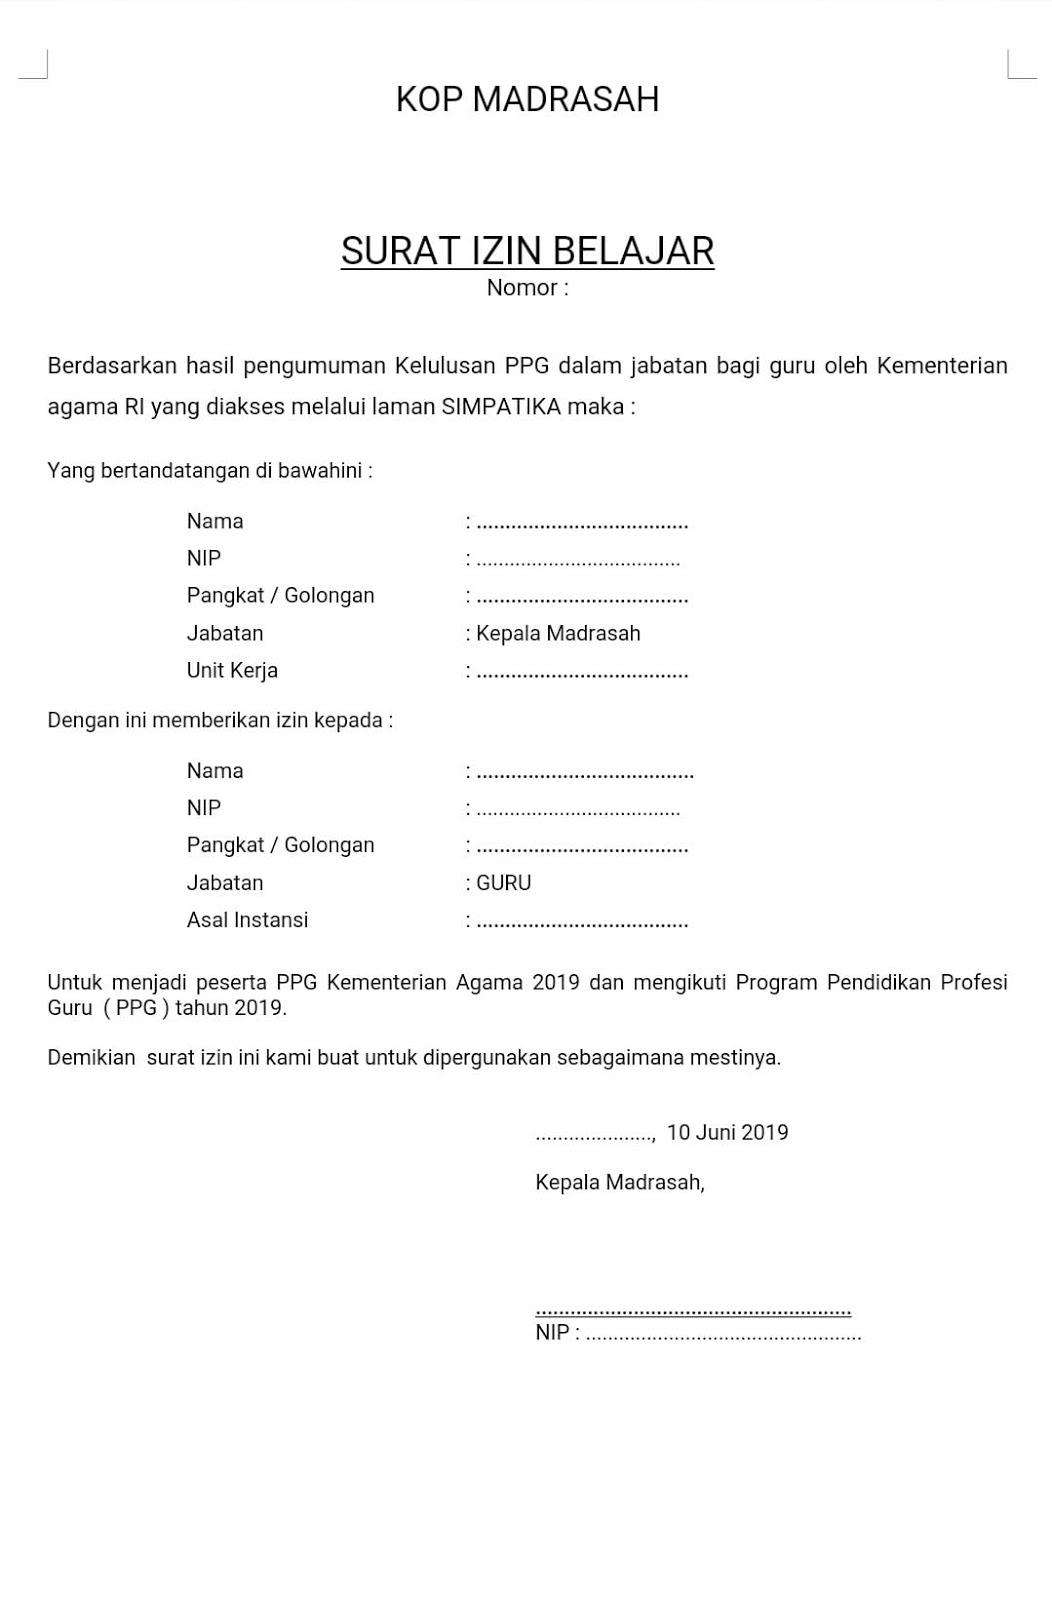 Contoh Surat Izin Sekolah Madrasah Download Contoh Lengkap Gratis